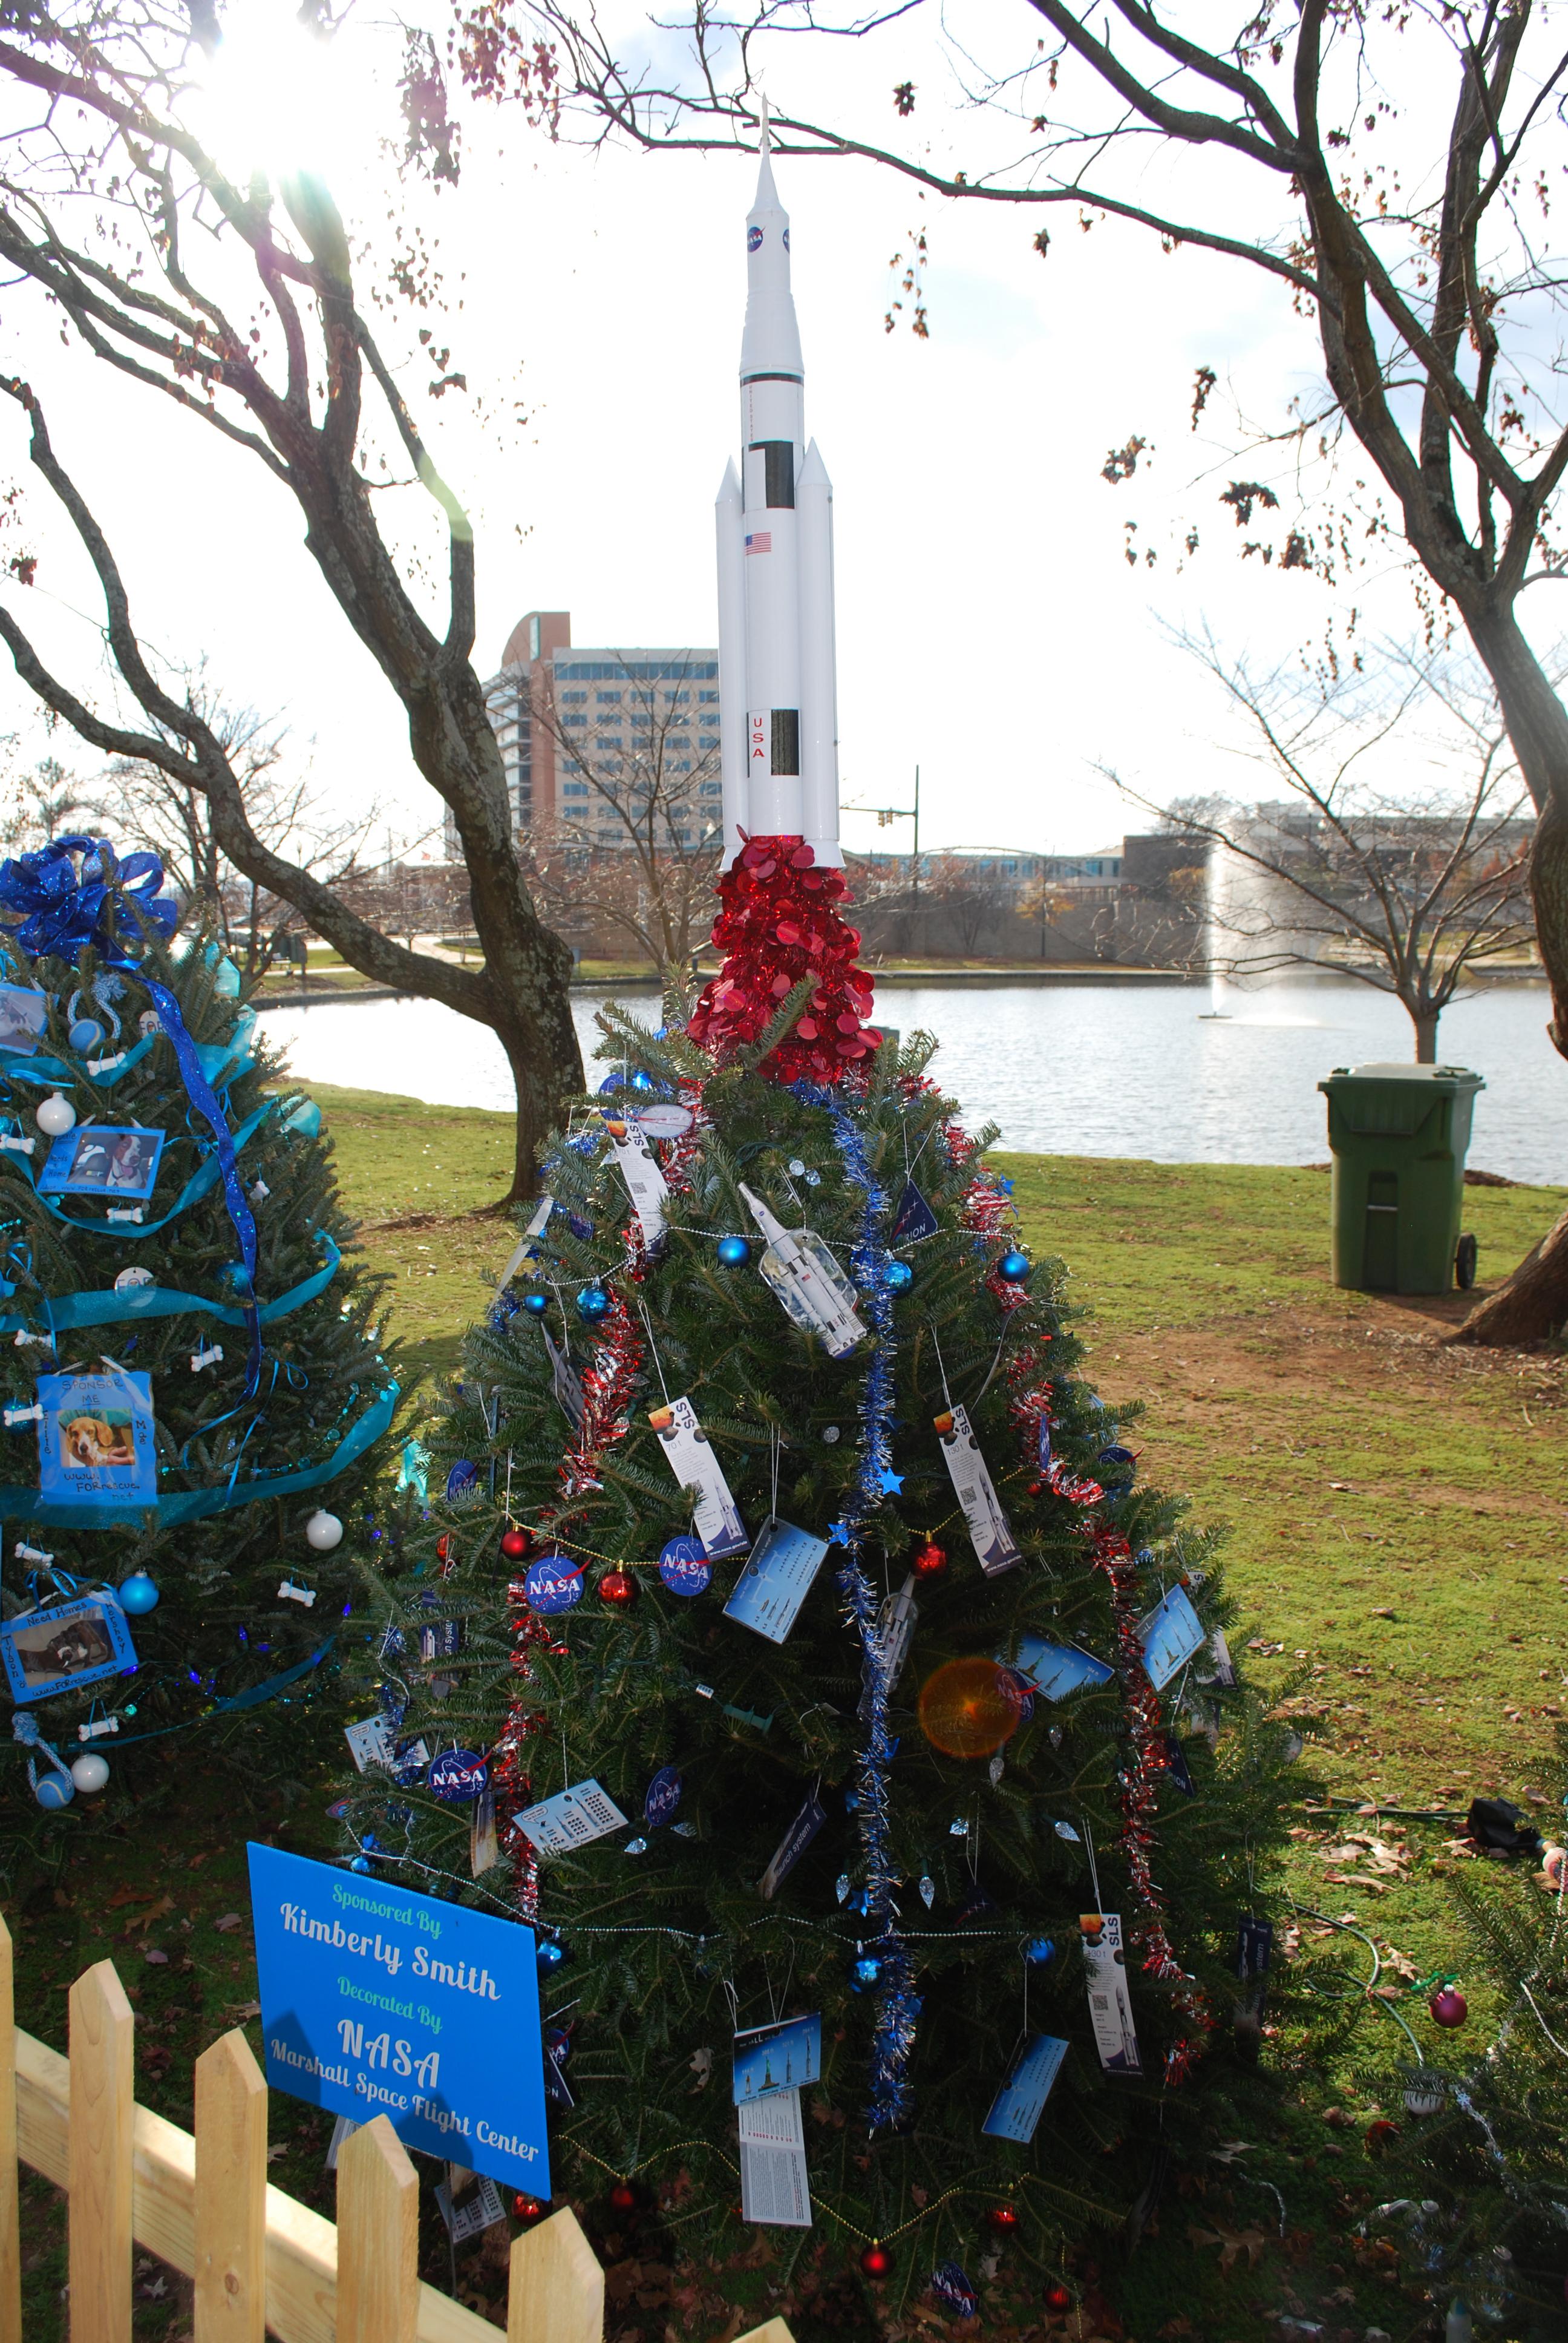 Tinsel On Christmas Trees